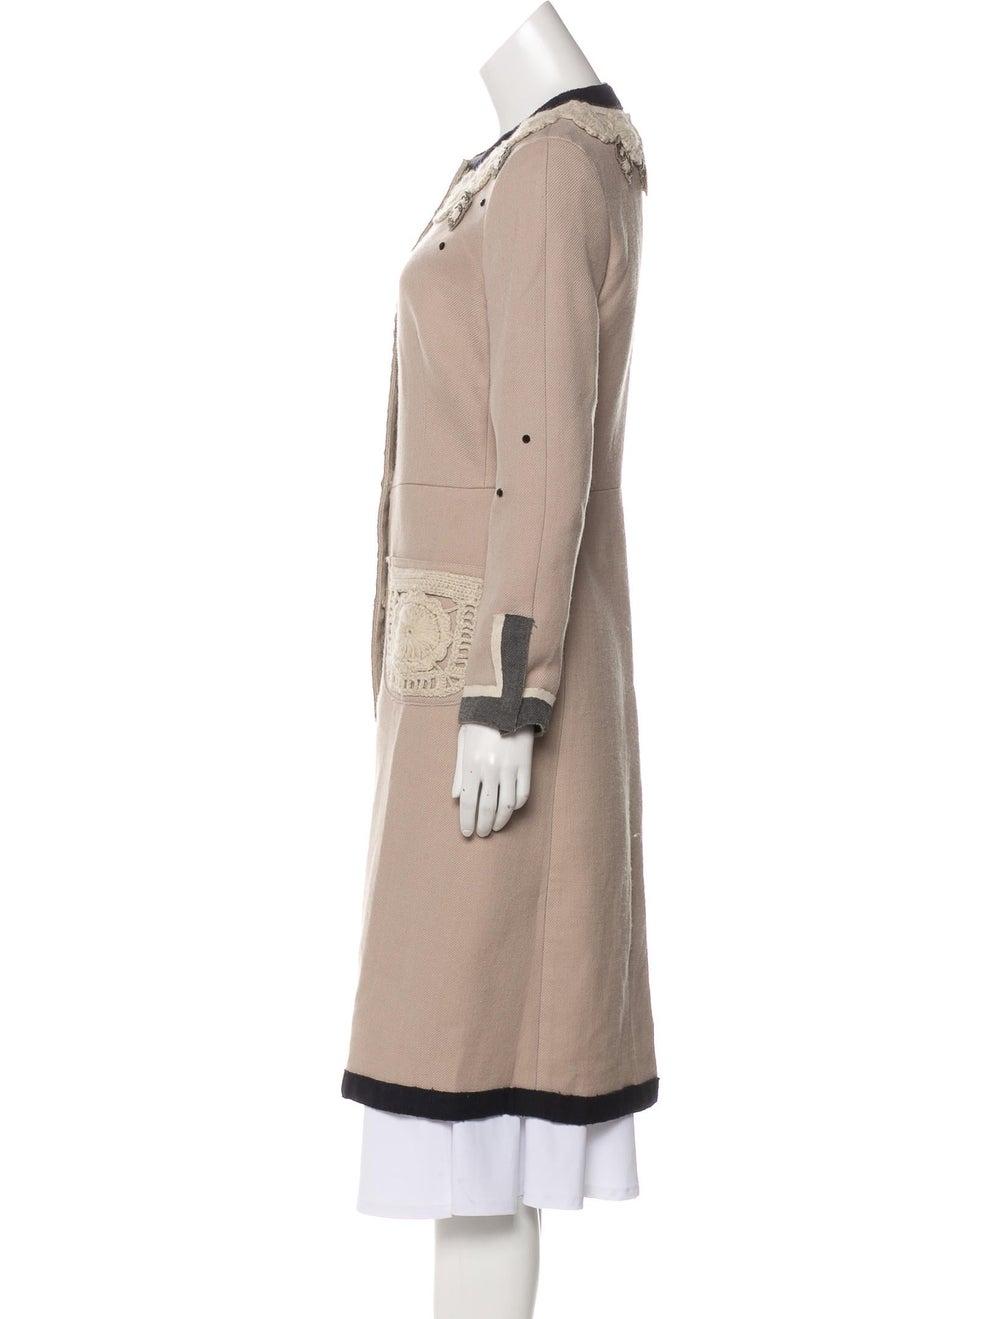 Prada Embroidered Long Coat Tan - image 2